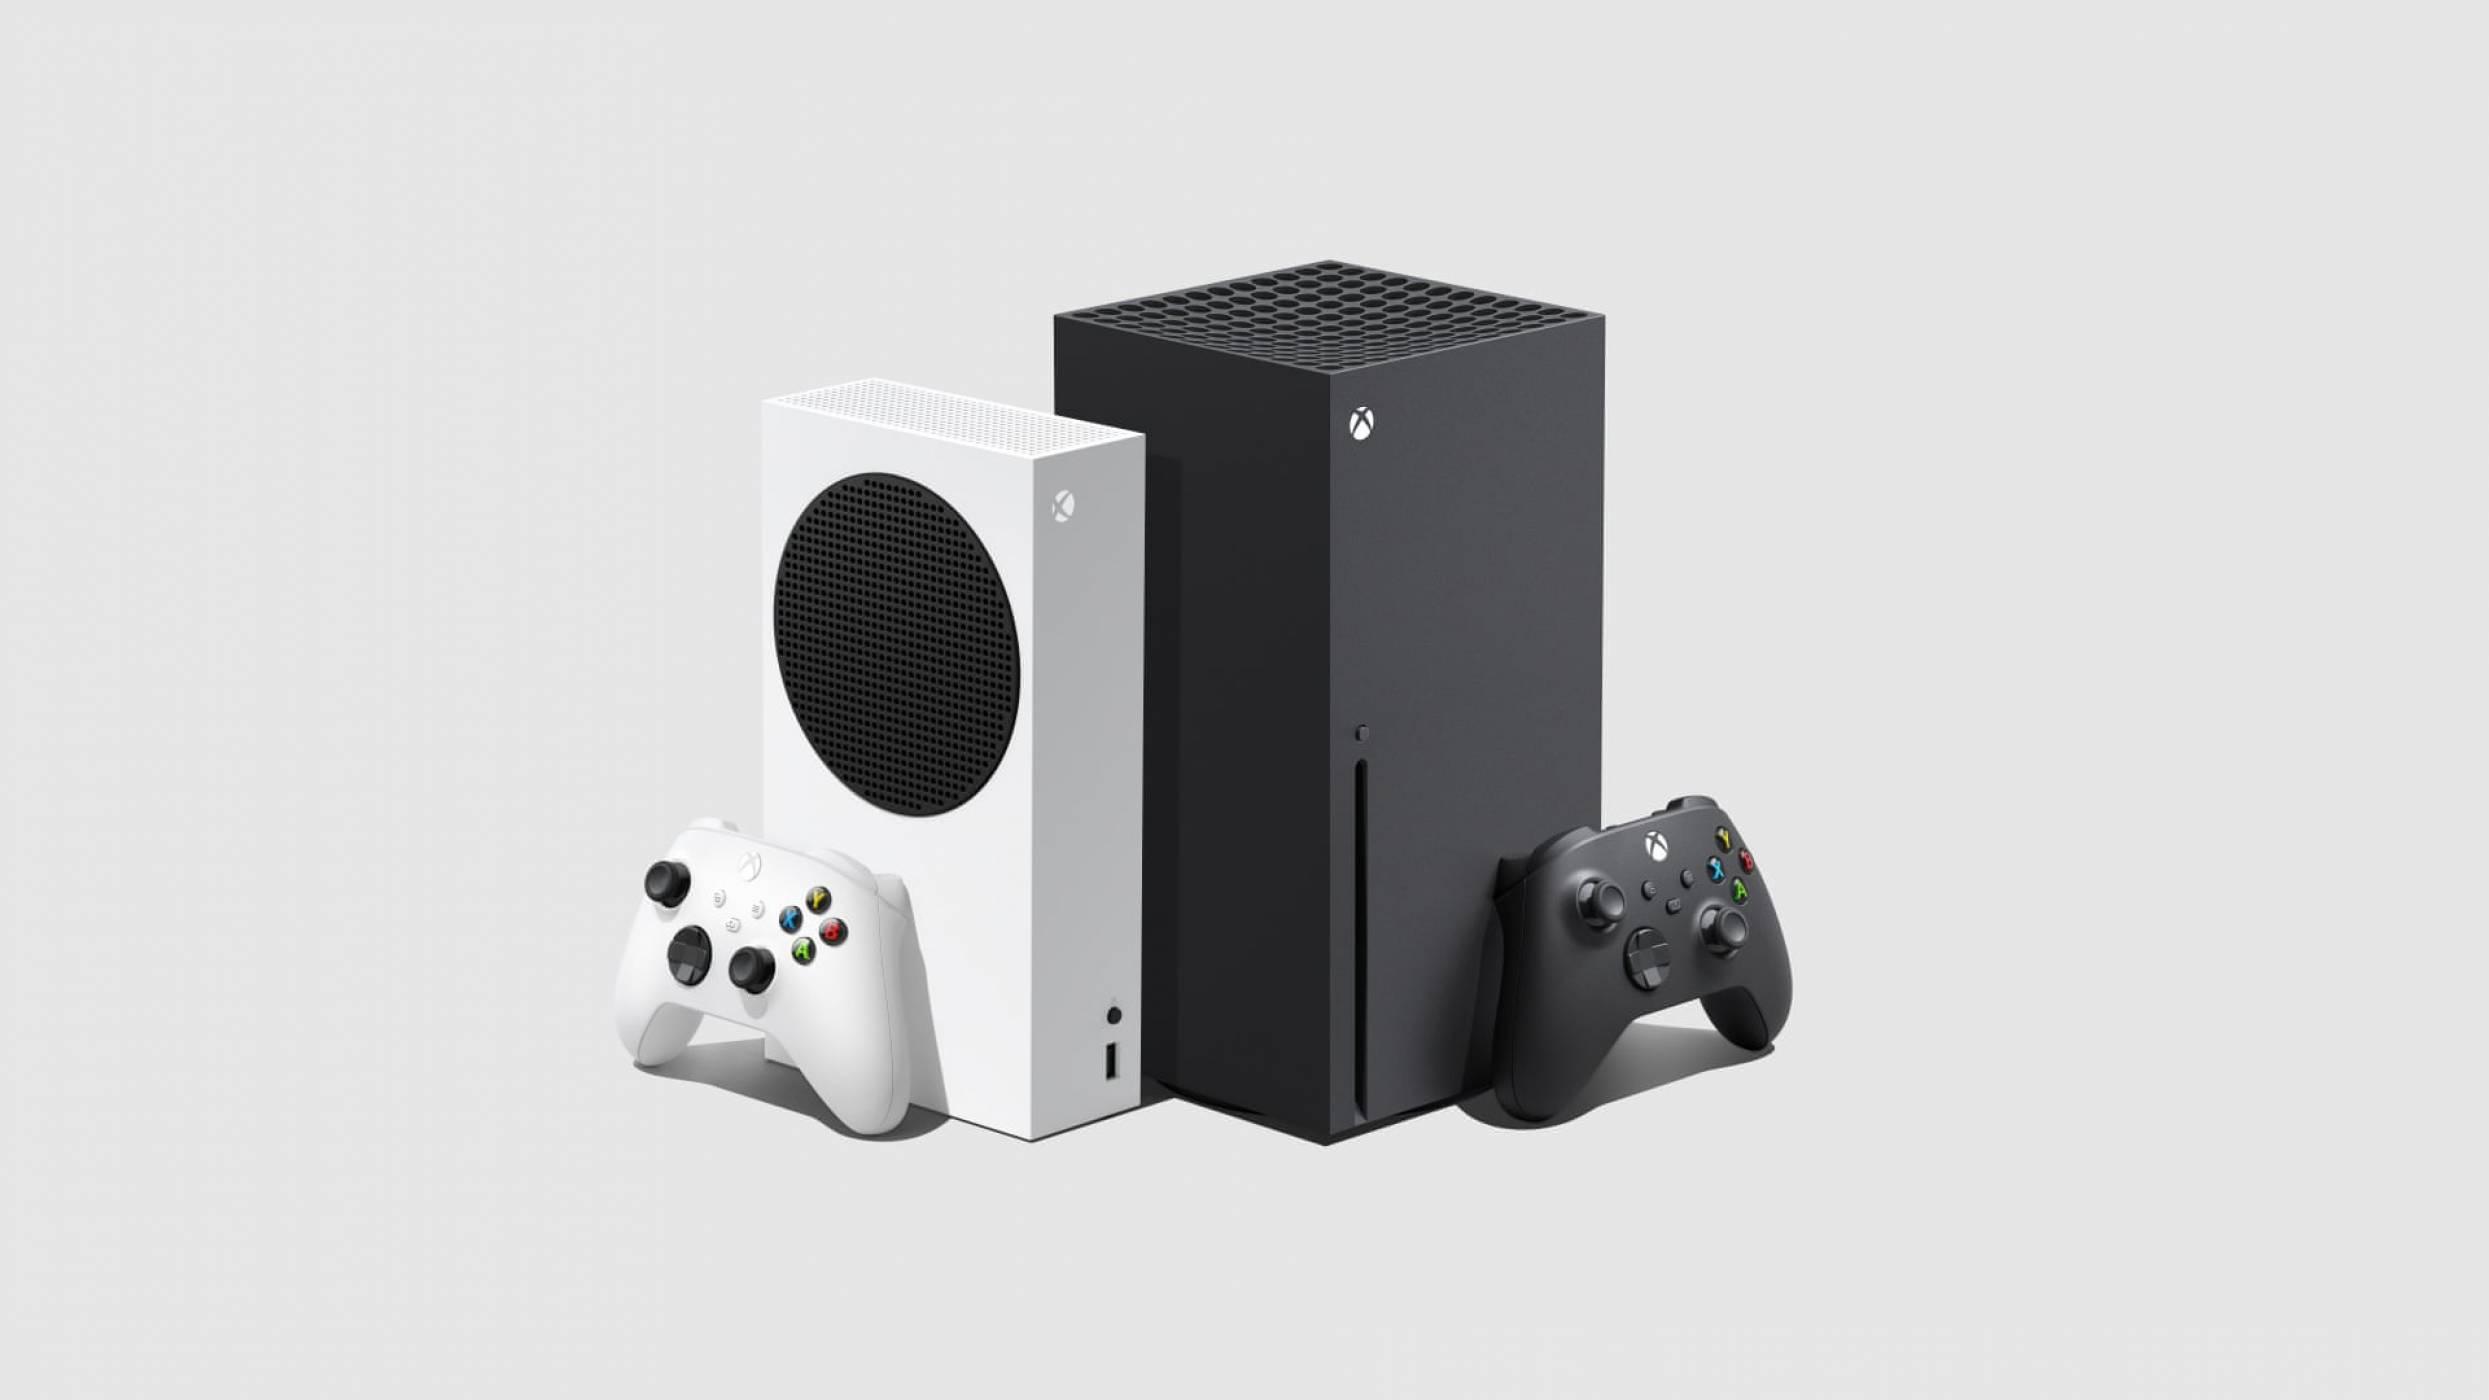 Това са всички сегашни игри, специално оптимизирани за новичкия ви Xbox Series X